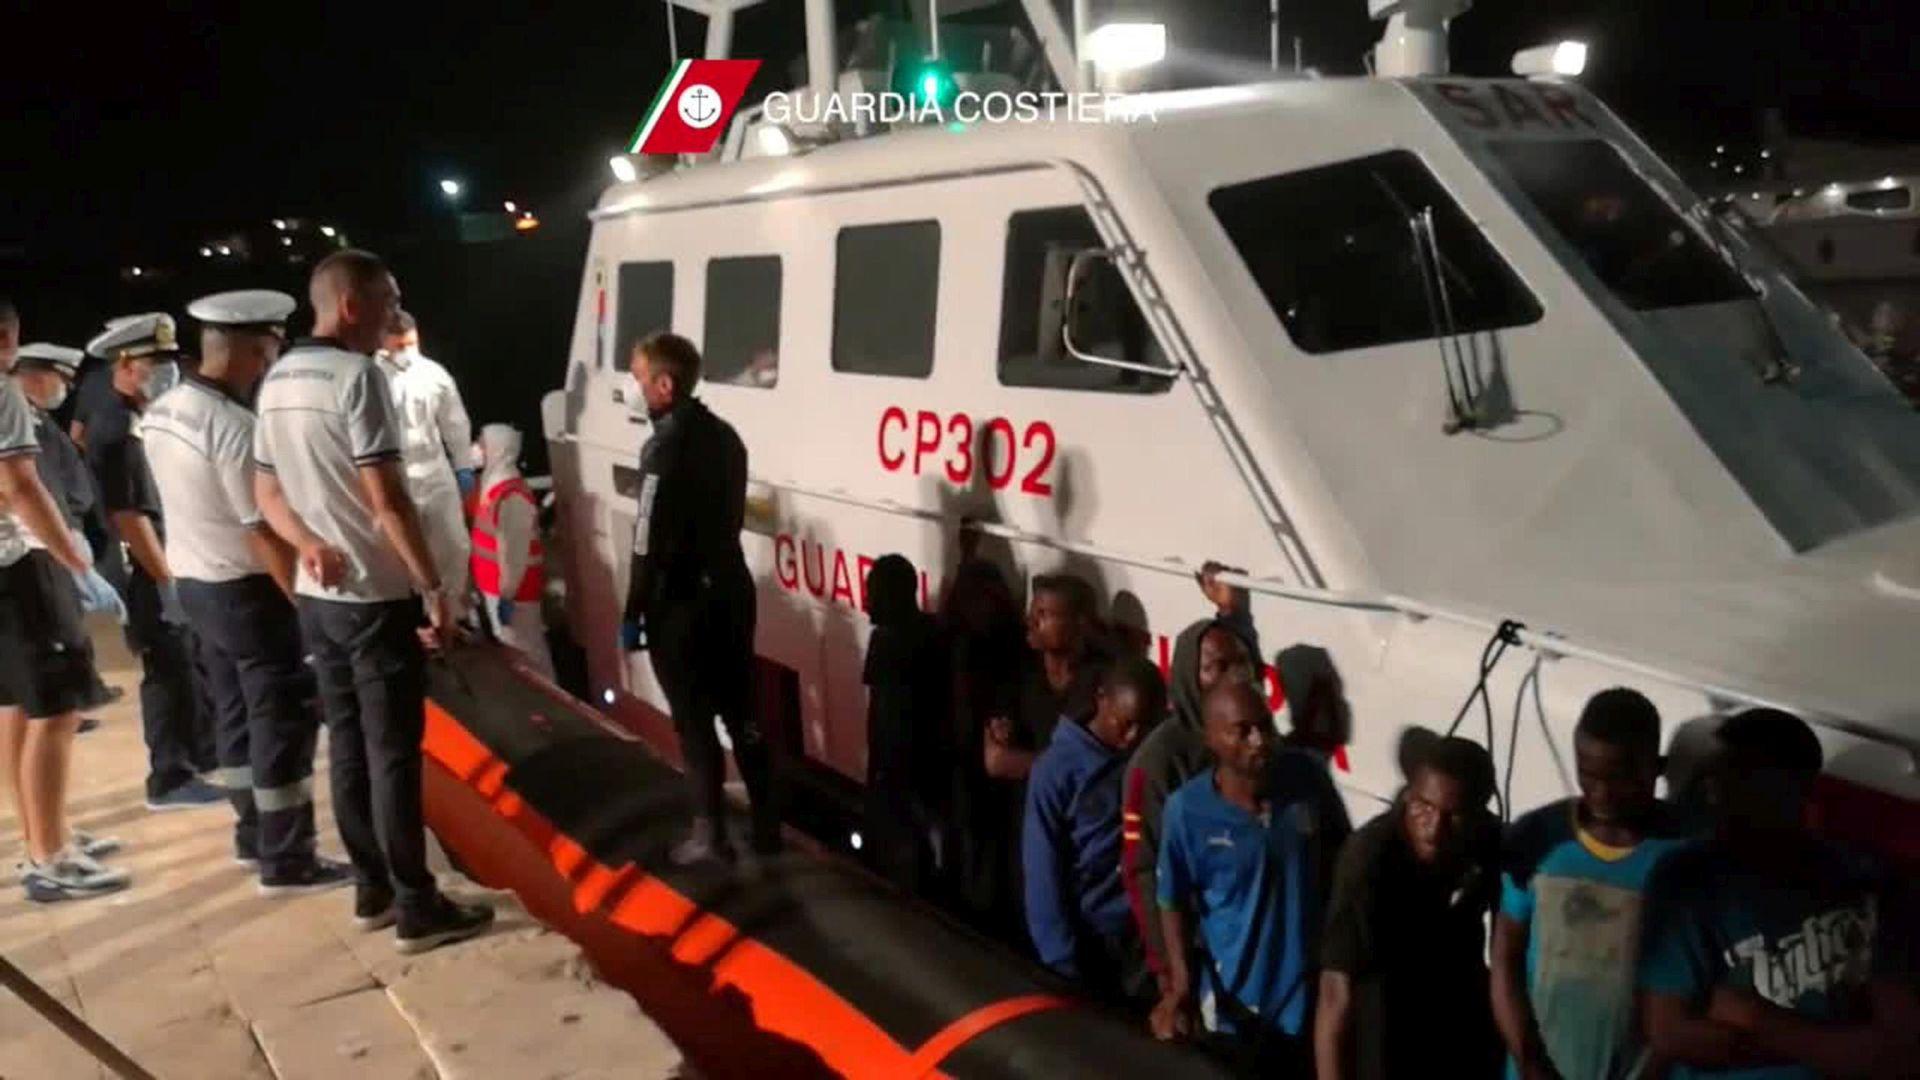 ITALIJA ISTRAŽUJE: Moguća uloga IS-a u organizaciji prijelaza migranata Sredozemljem